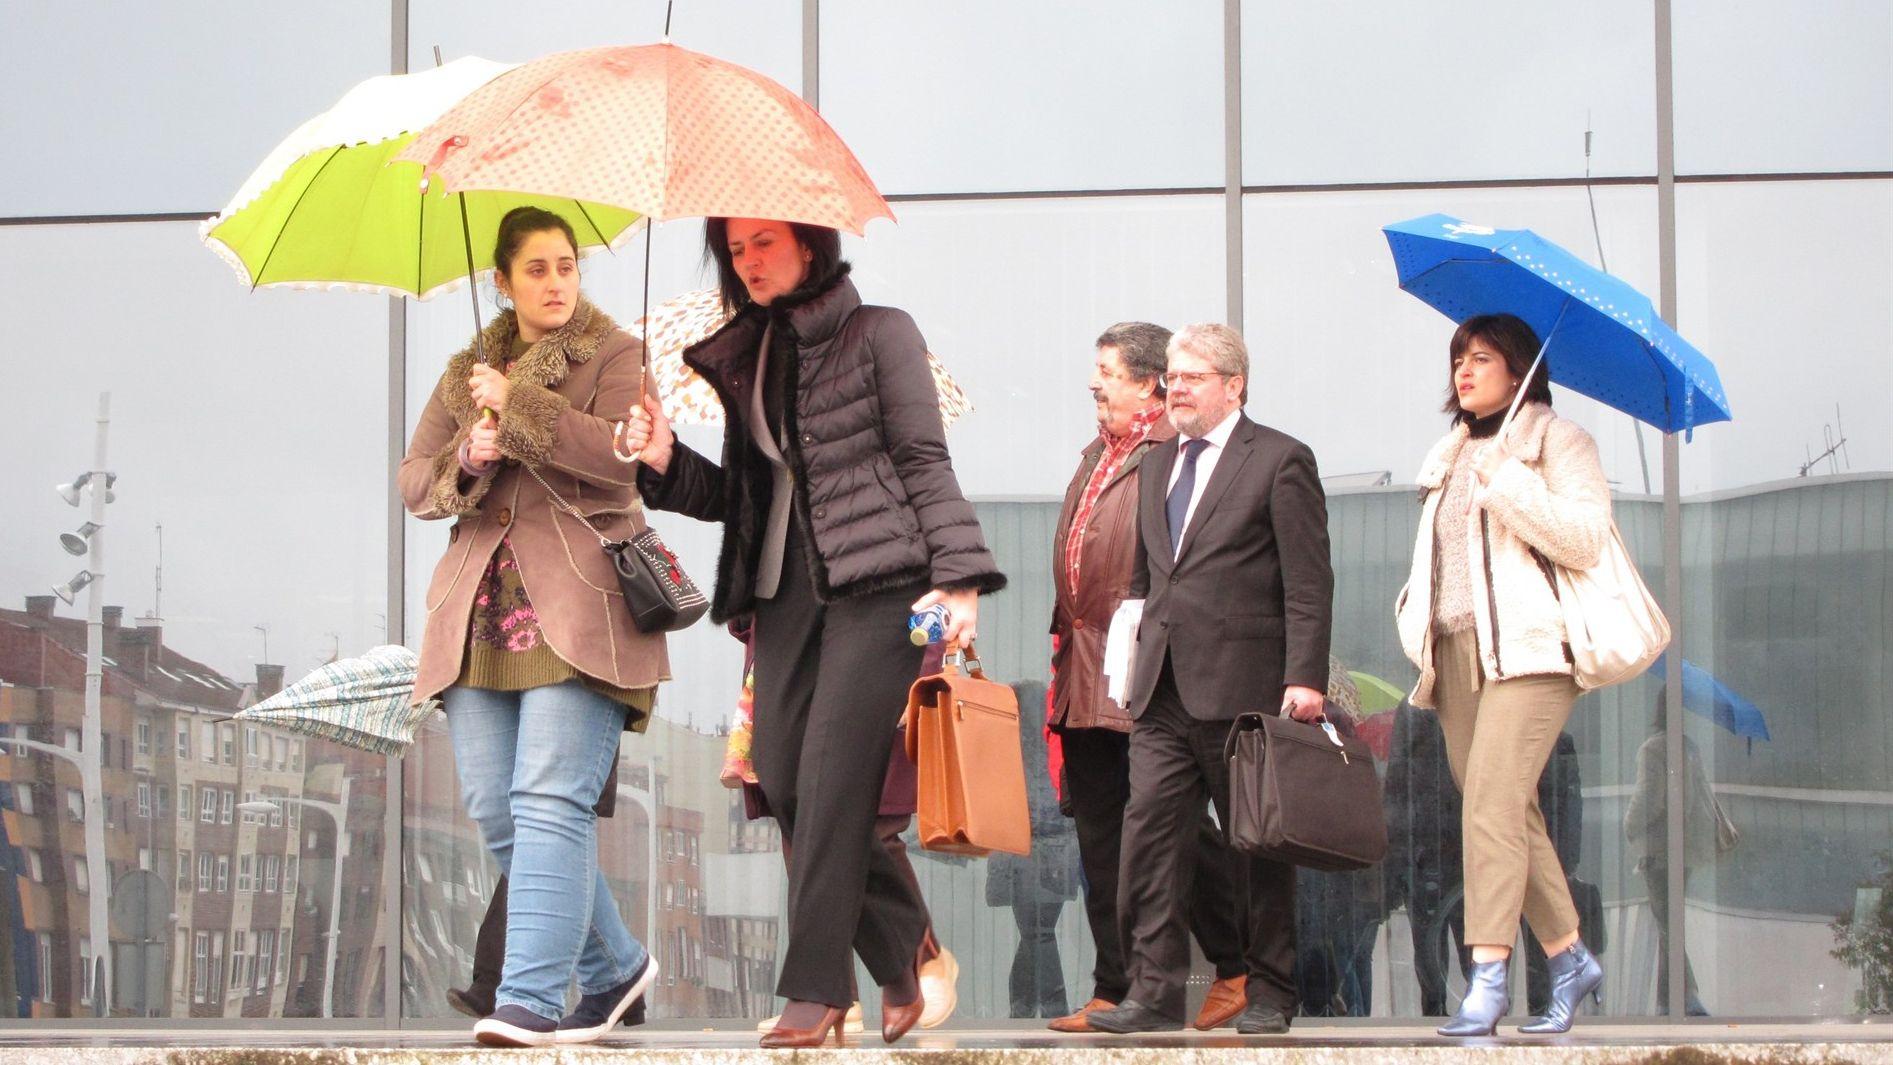 Salida del juicio por el parricidio de Monteana en la sede de Gijón de la Audiencia Provincial de Asturias.Salida del juicio por el parricidio de Monteana en la sede de Gijón de la Audiencia Provincial de Asturias